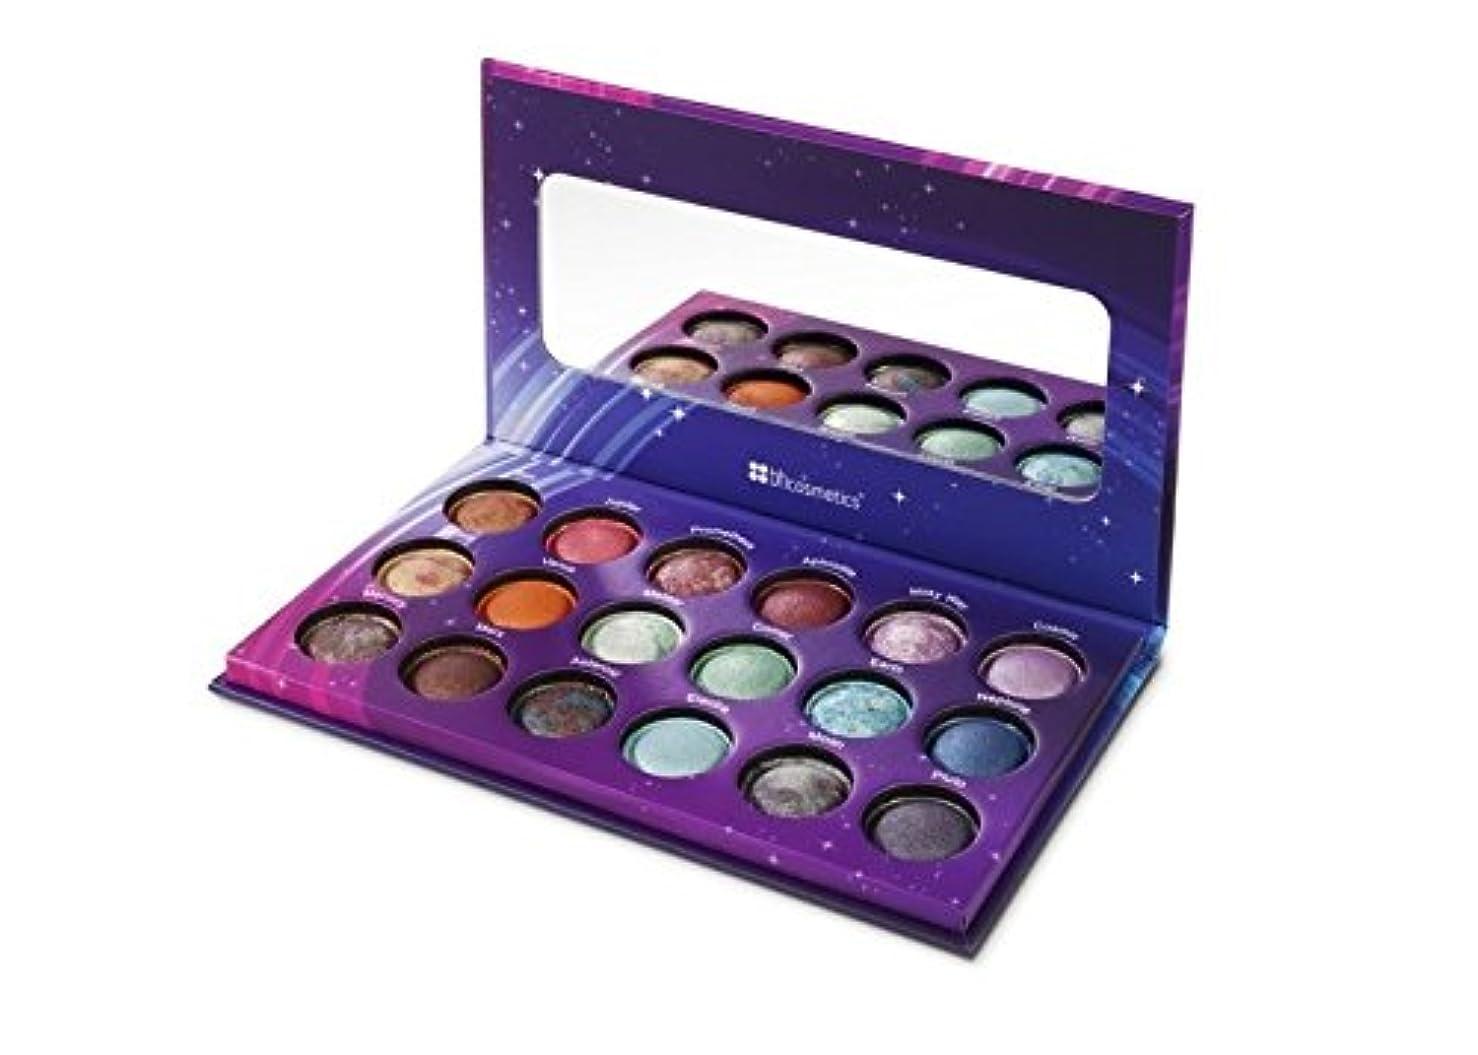 ルール拡散するイタリックBH Cosmetics Galaxy Chic Baked Eyeshadow Palette 18 Colors (並行輸入品)